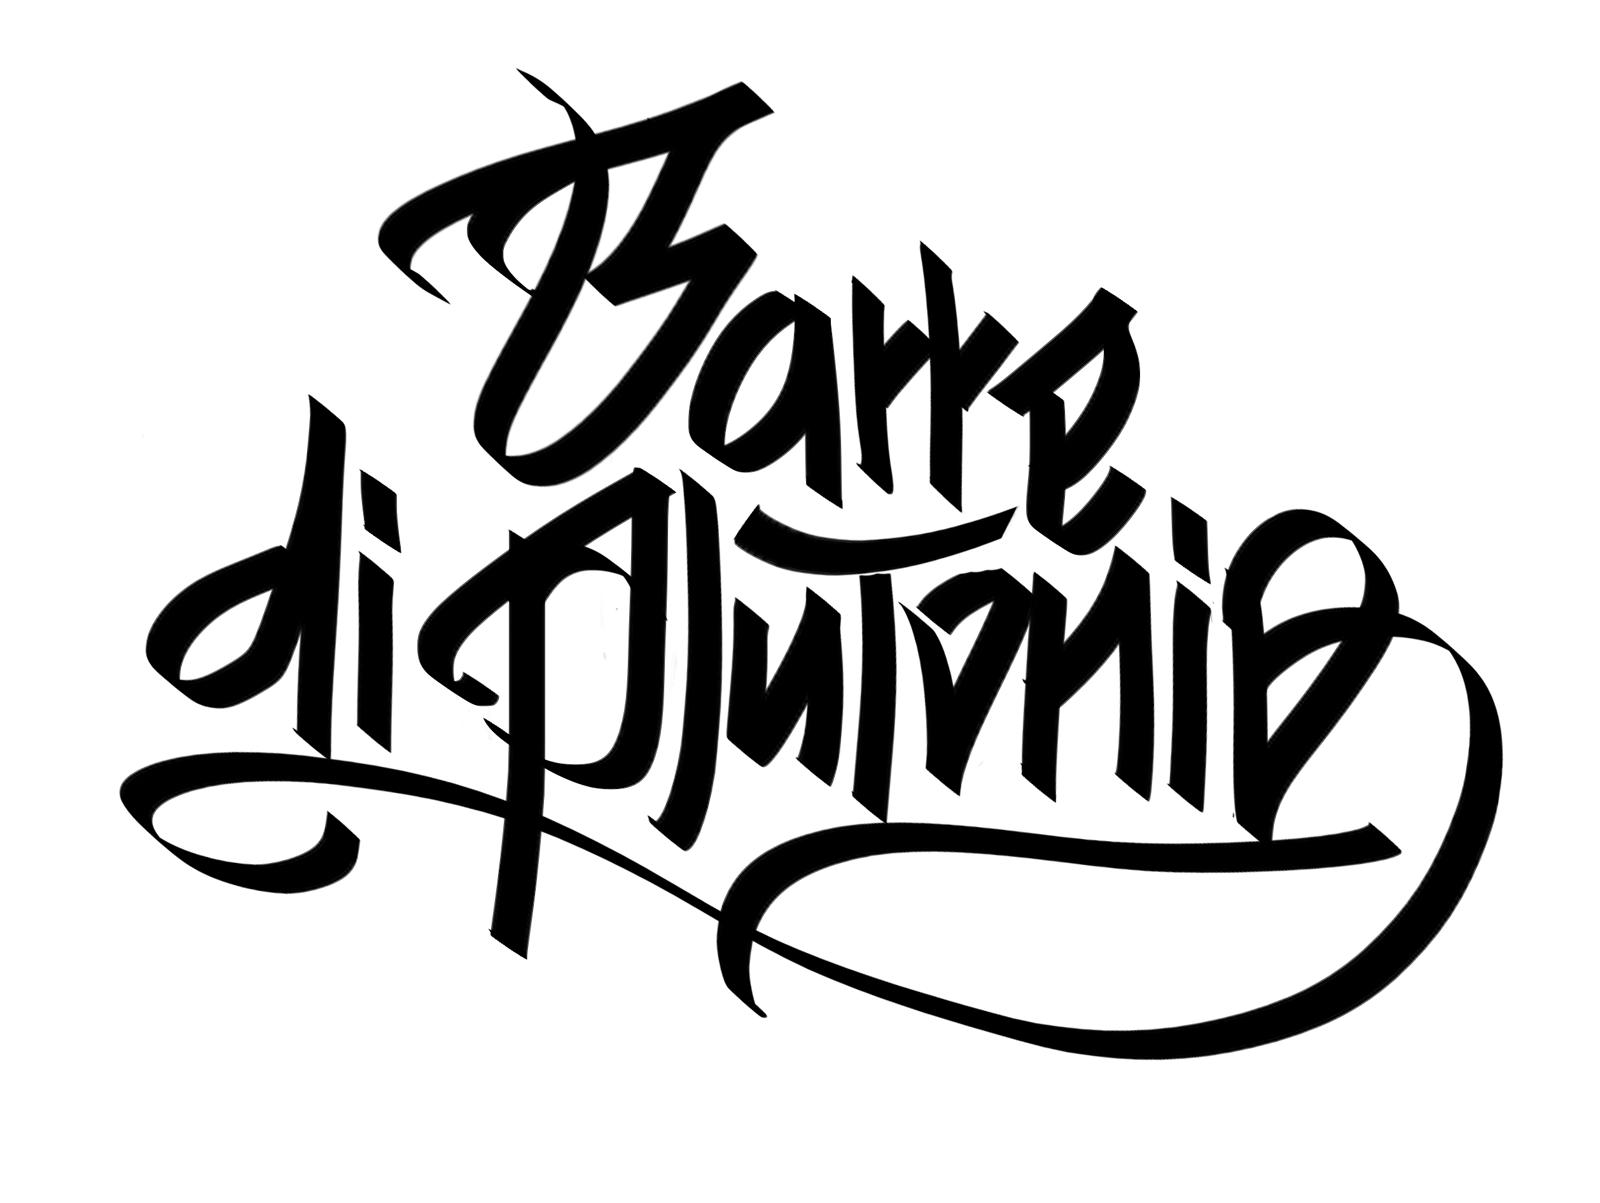 Barre Di Plutonio